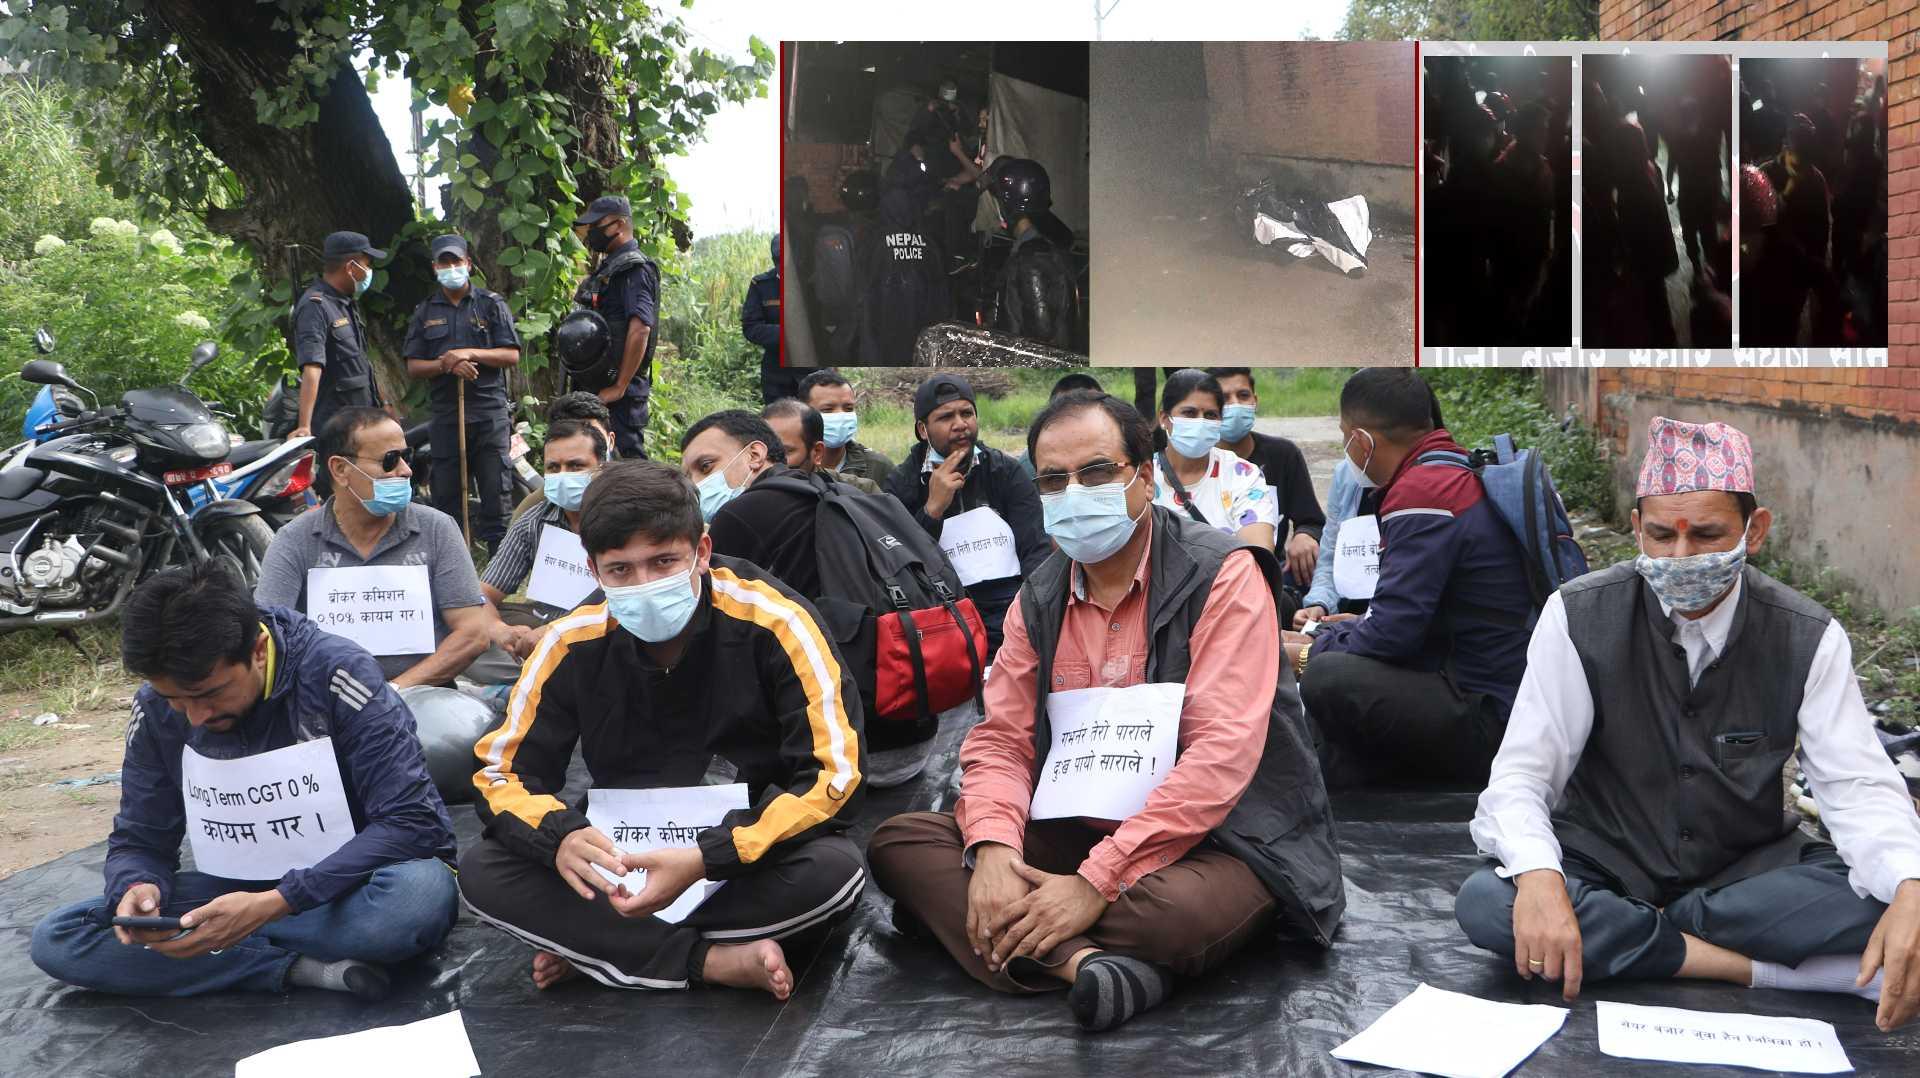 आमरण अनसन बसेका लगानीकर्ता प्रहरीहिरासतबाट छुटे